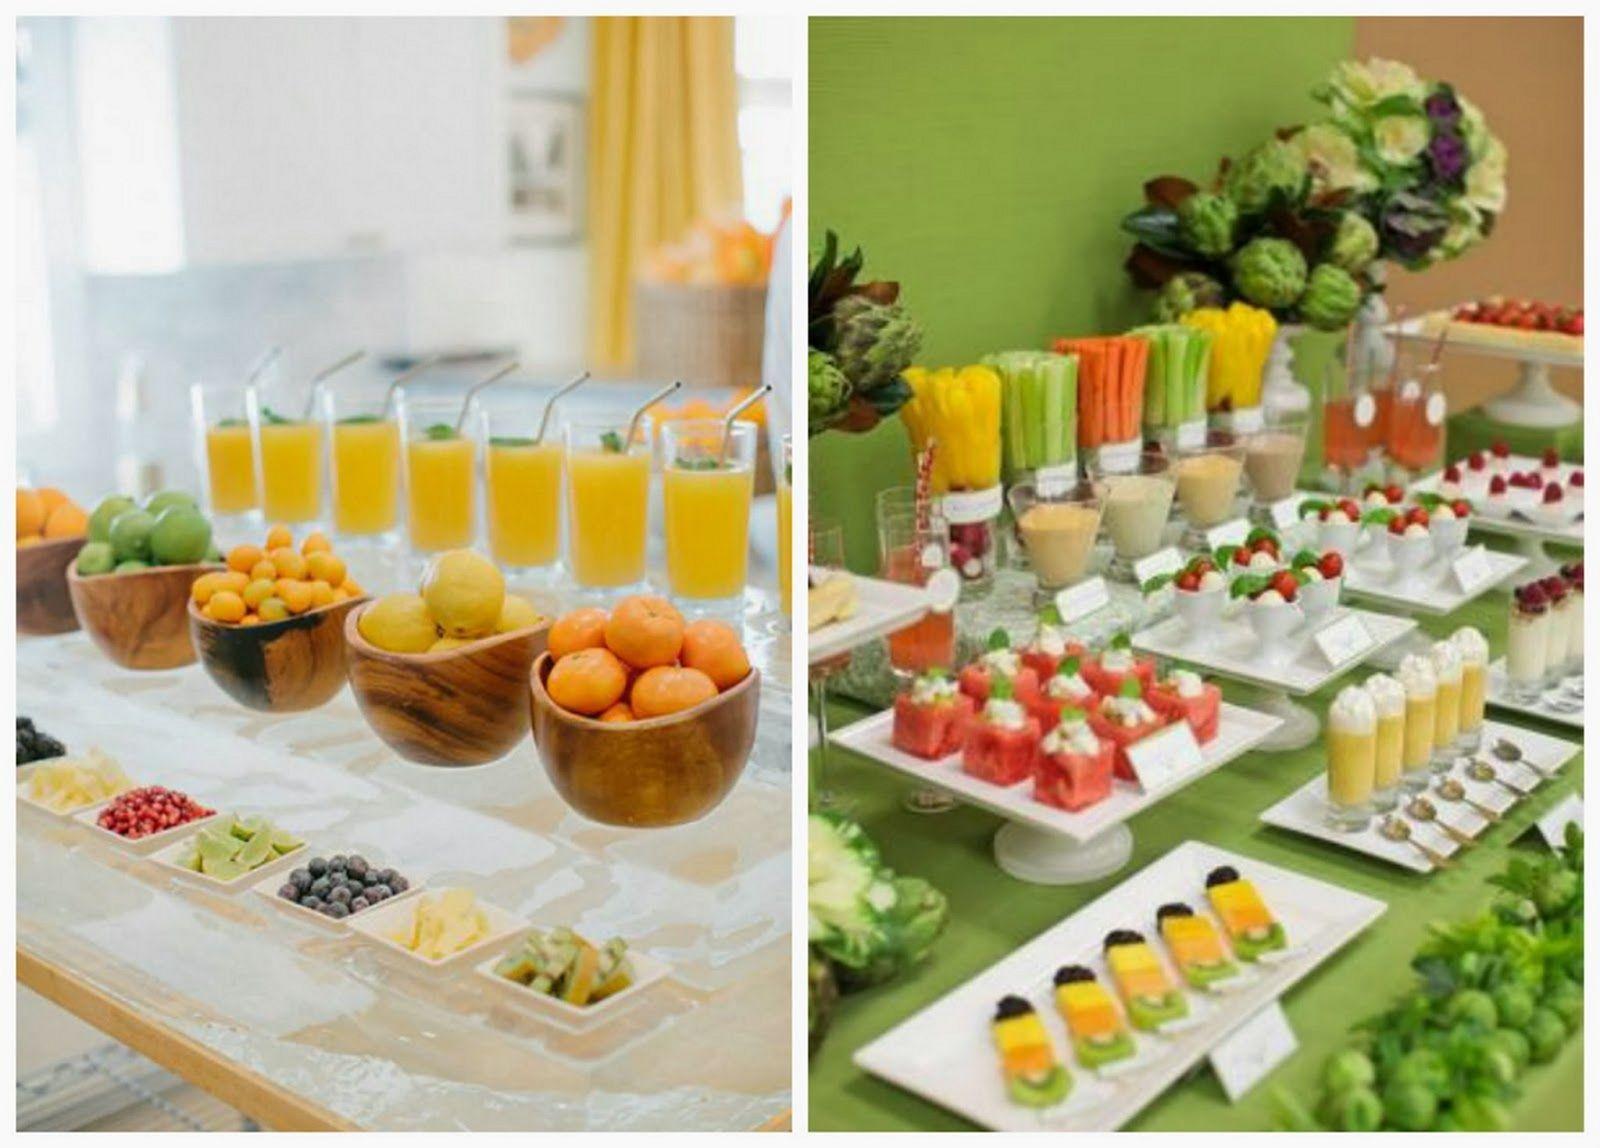 Awaiian Bridal Shower Food Ideas 53 Wedding Shower Brunch Decorations Wedding Shower Brunch Brunch Wedding